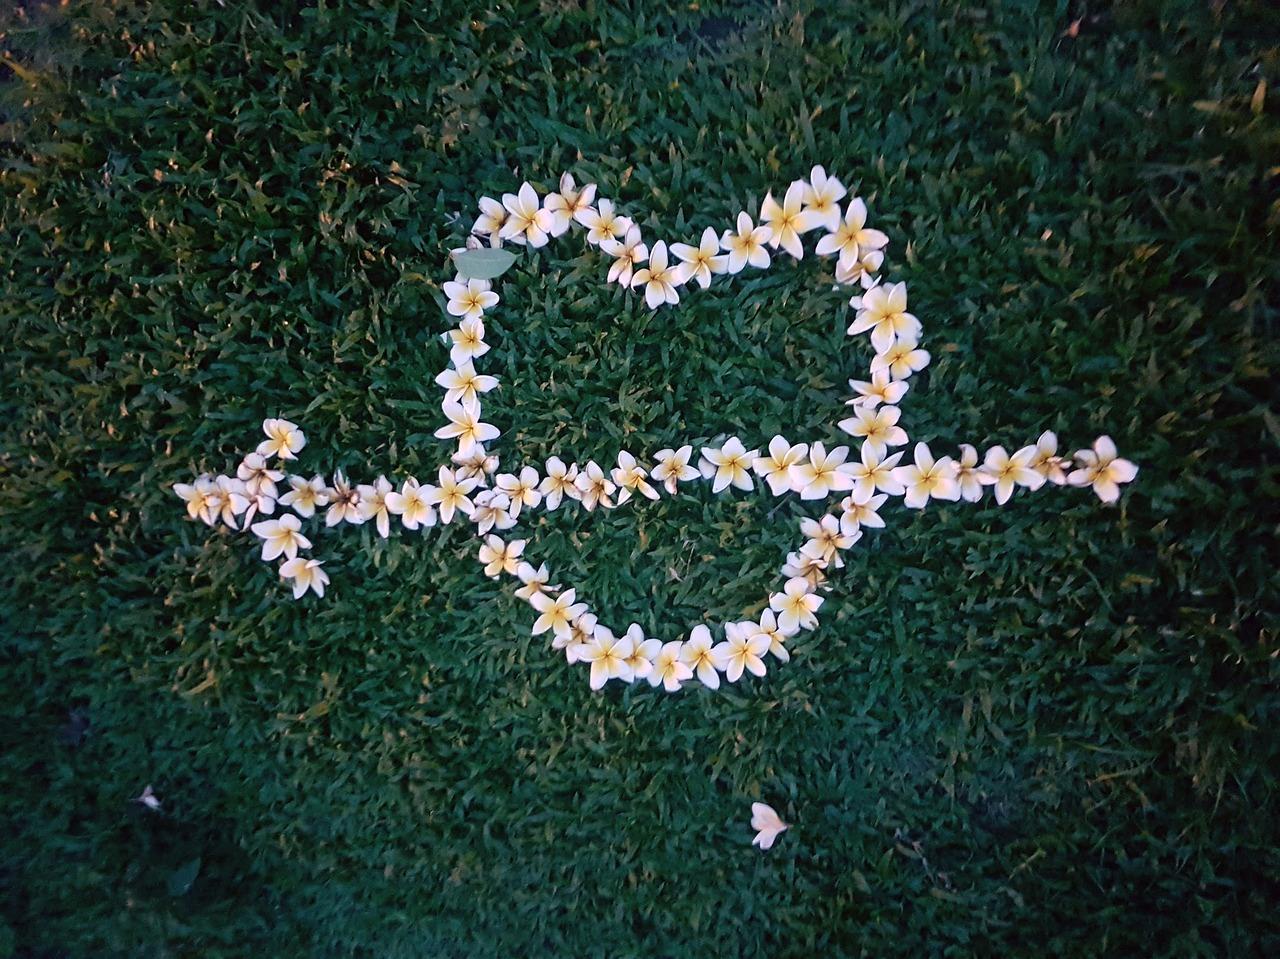 新潟で人気の結婚指輪と婚約指輪 BROOCH Makana(マカナ)  オシャレジュエリーMAKANA ハワイアンジュエリーでプロポーズはあり?婚約指輪の選び方調査